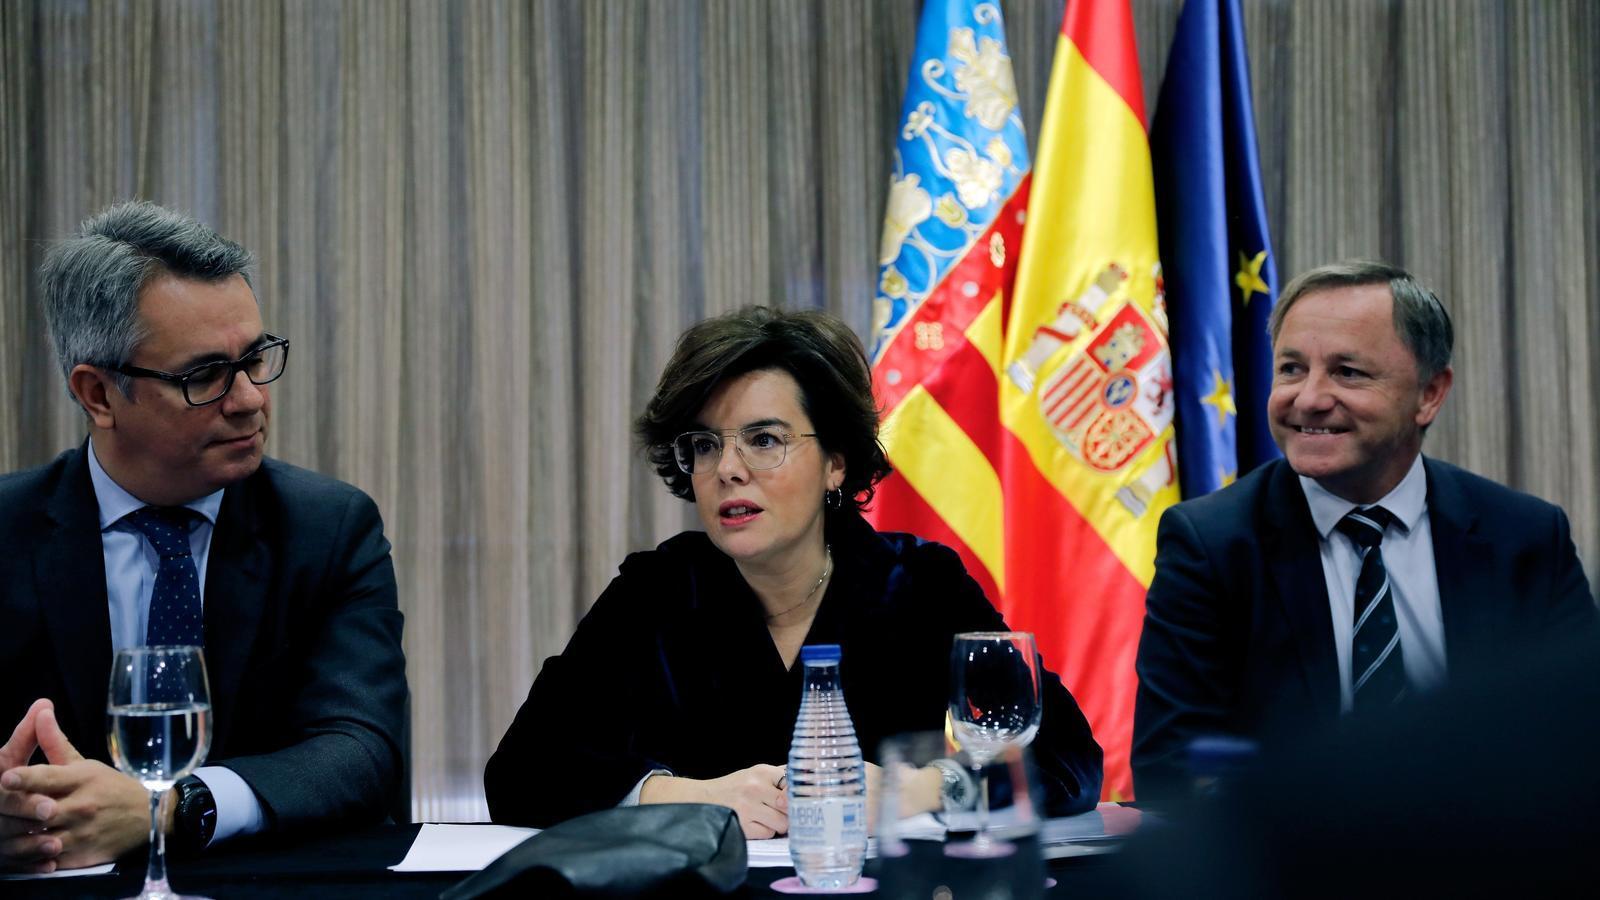 Els empresaris valencians reclamen als partits que donin suport als pressupostos a canvi d'inversions i finançament